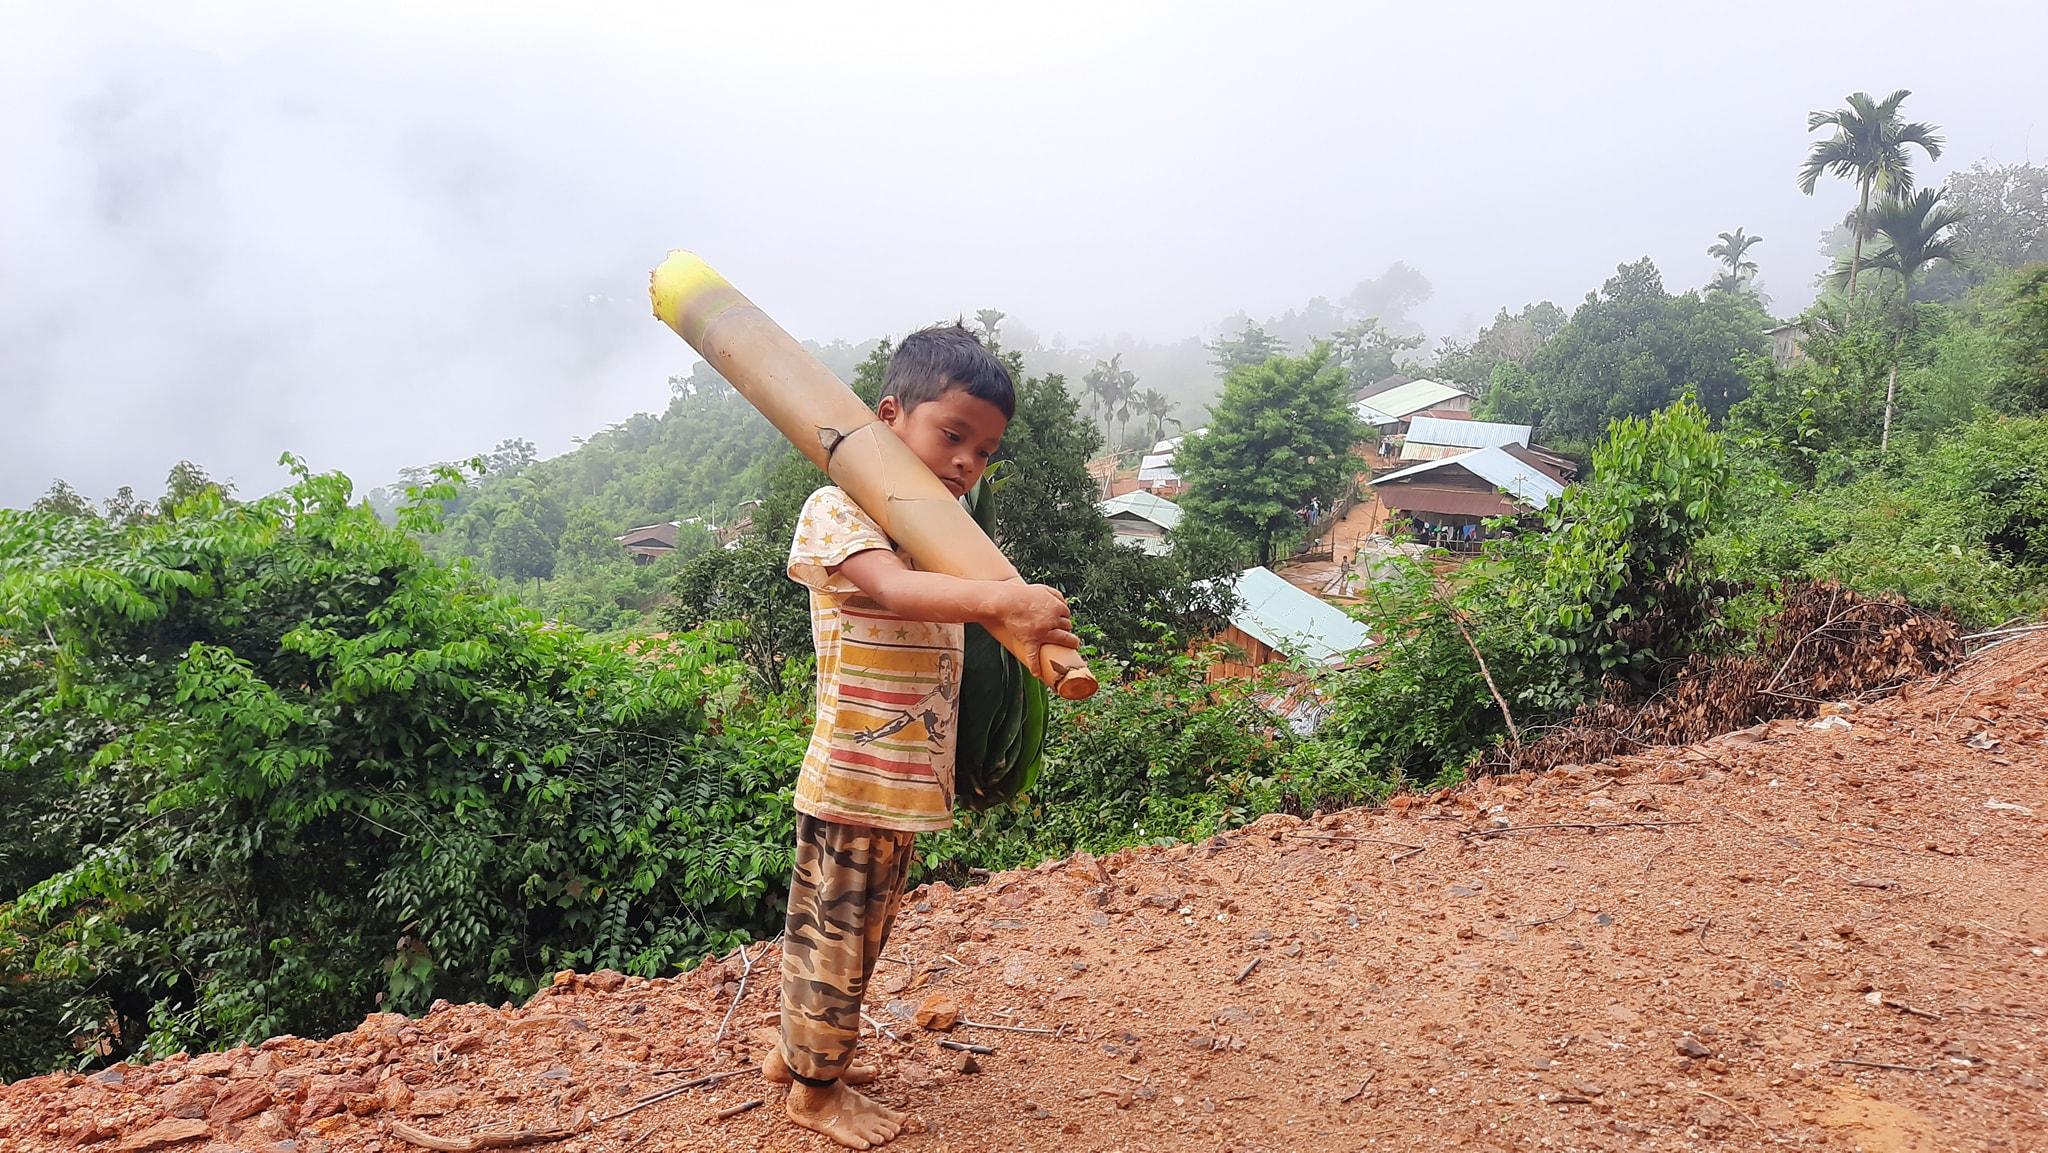 Hình ảnh cậu bé chân trần, vác cây măng dài bằng cả thân mình đến điểm xã gửi tặng người dân ở tâm dịch Đà Nẵng.